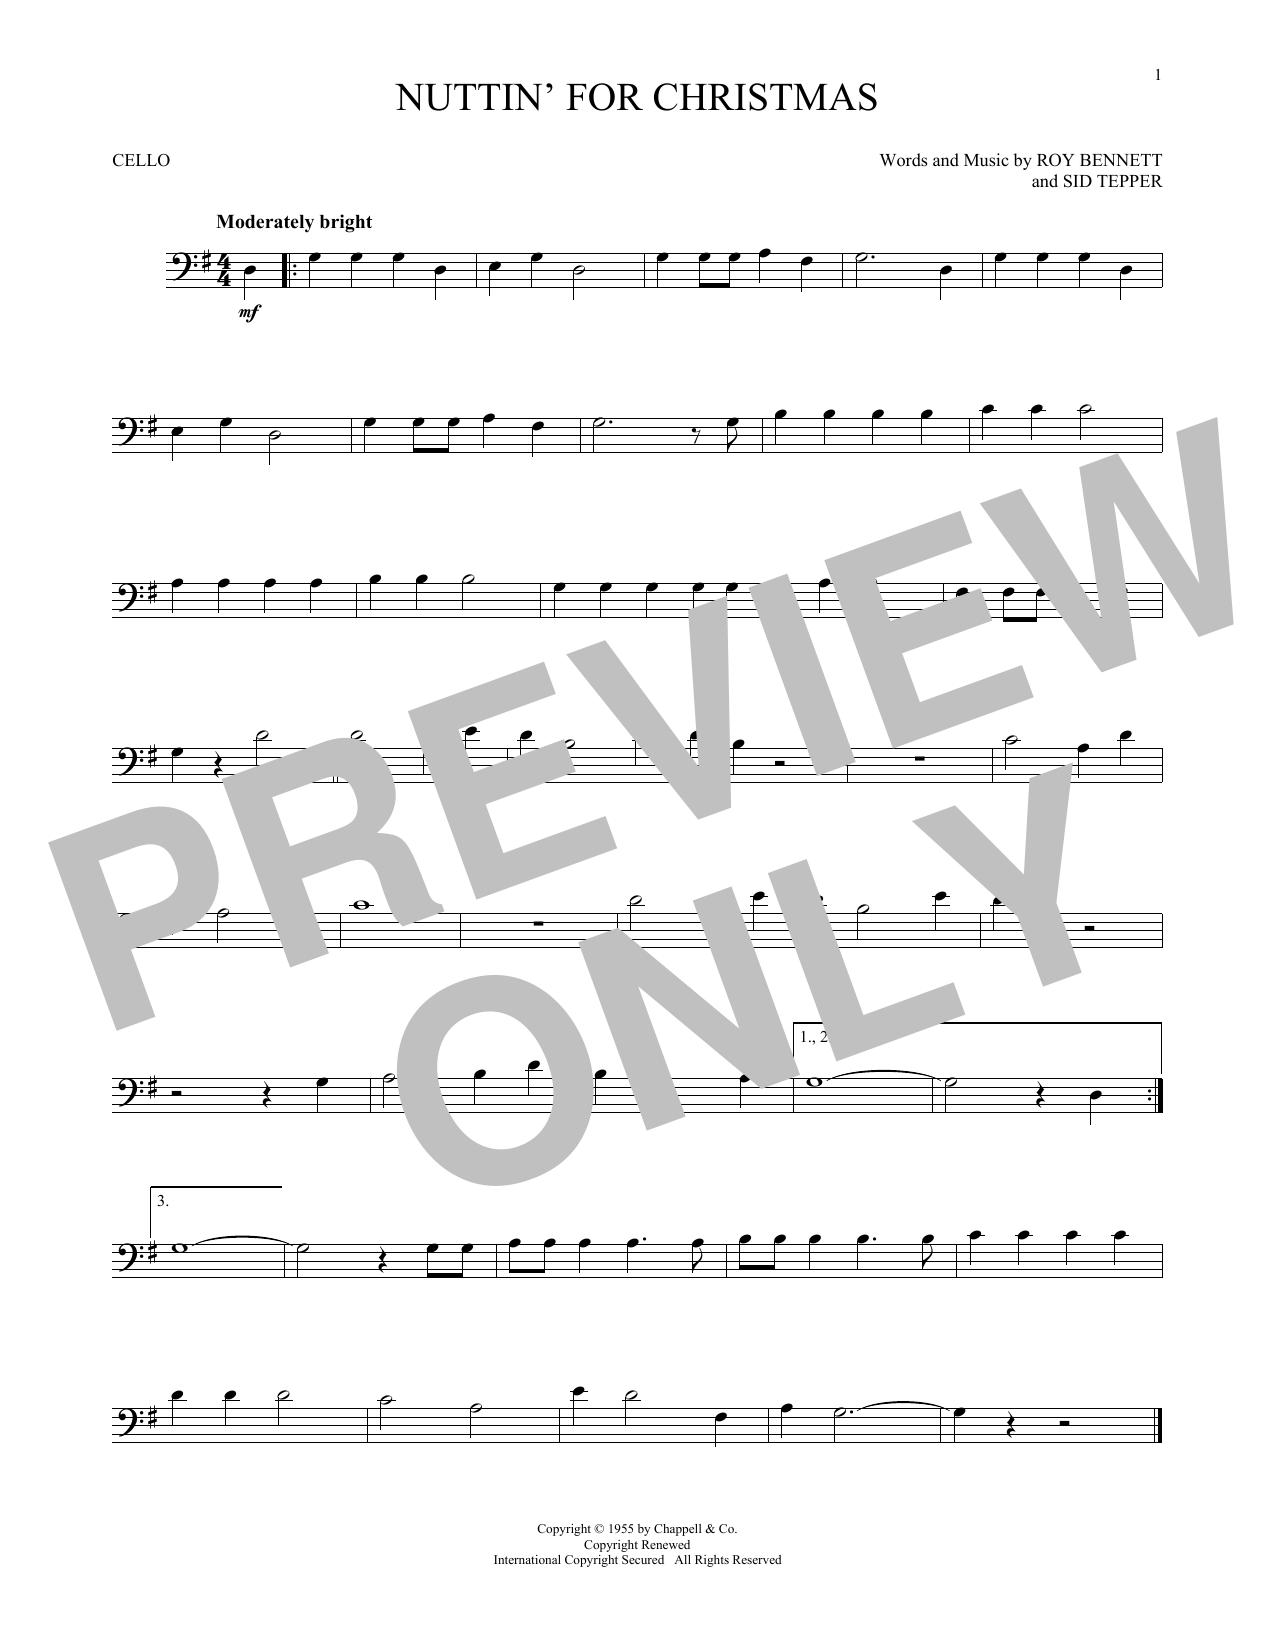 Nuttin' For Christmas (Cello Solo)